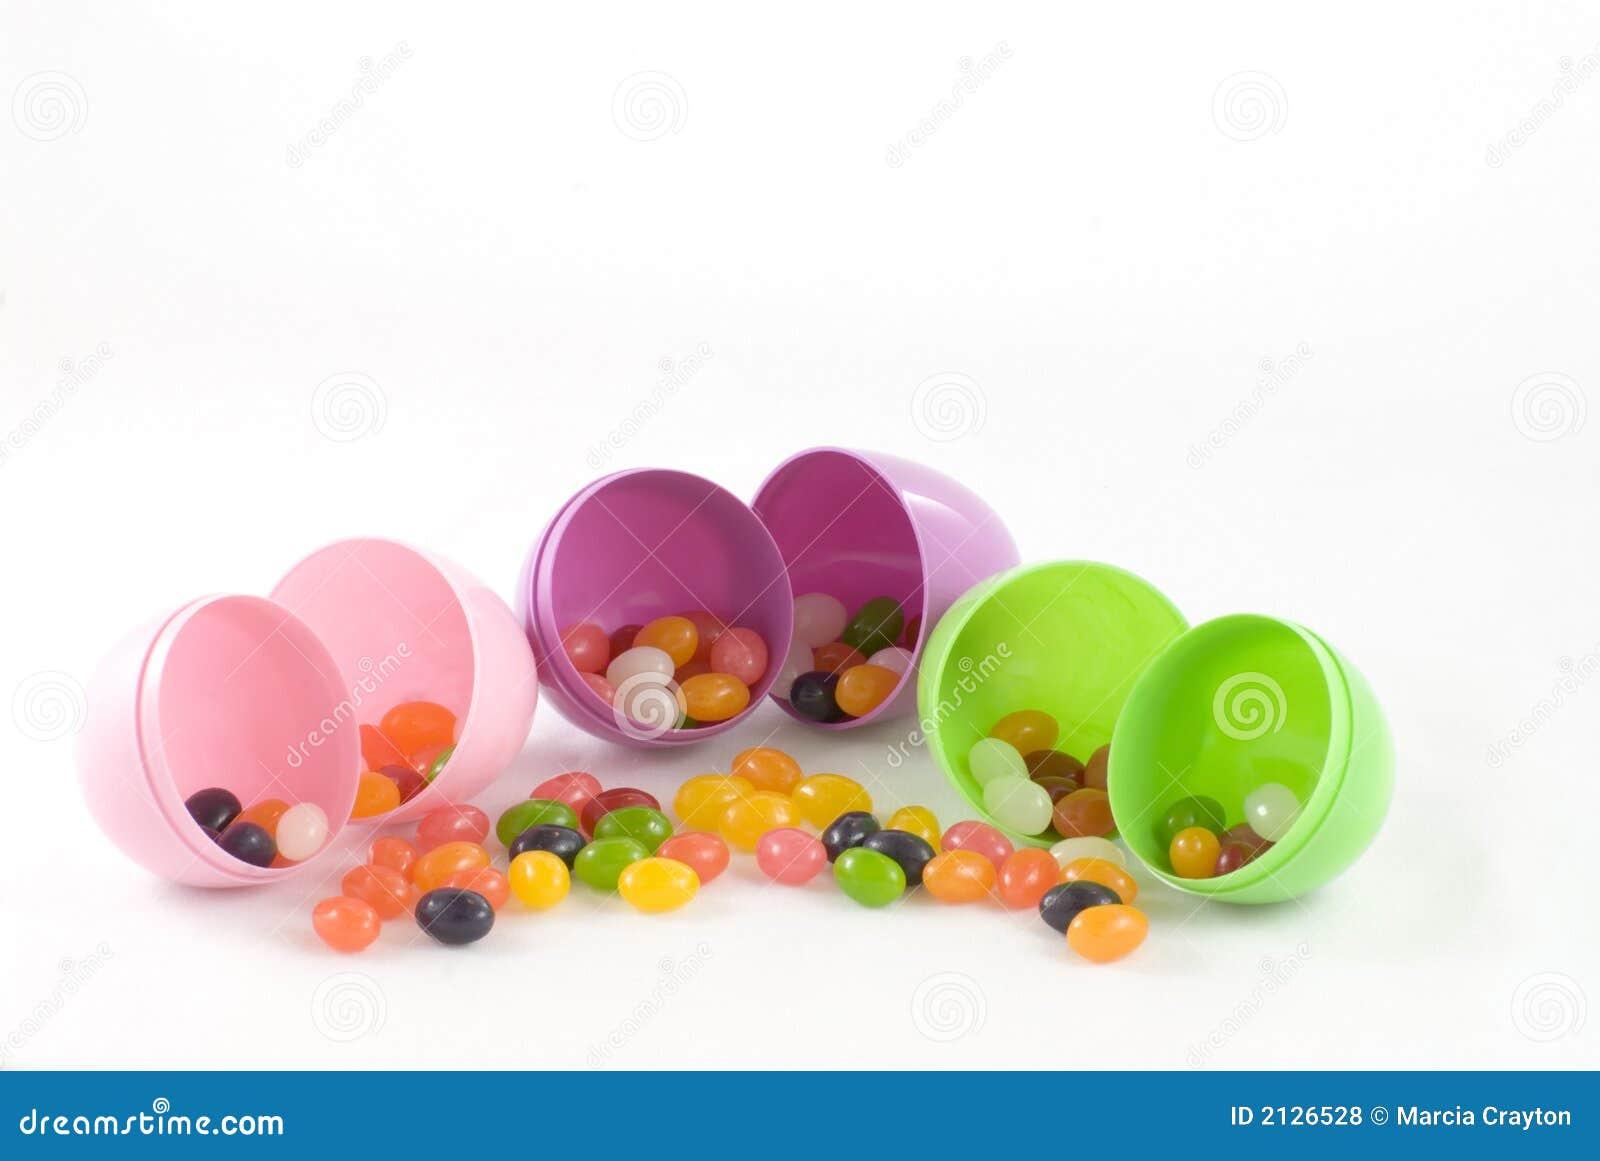 Dragées à la gelée de sucre et oeufs en plastique